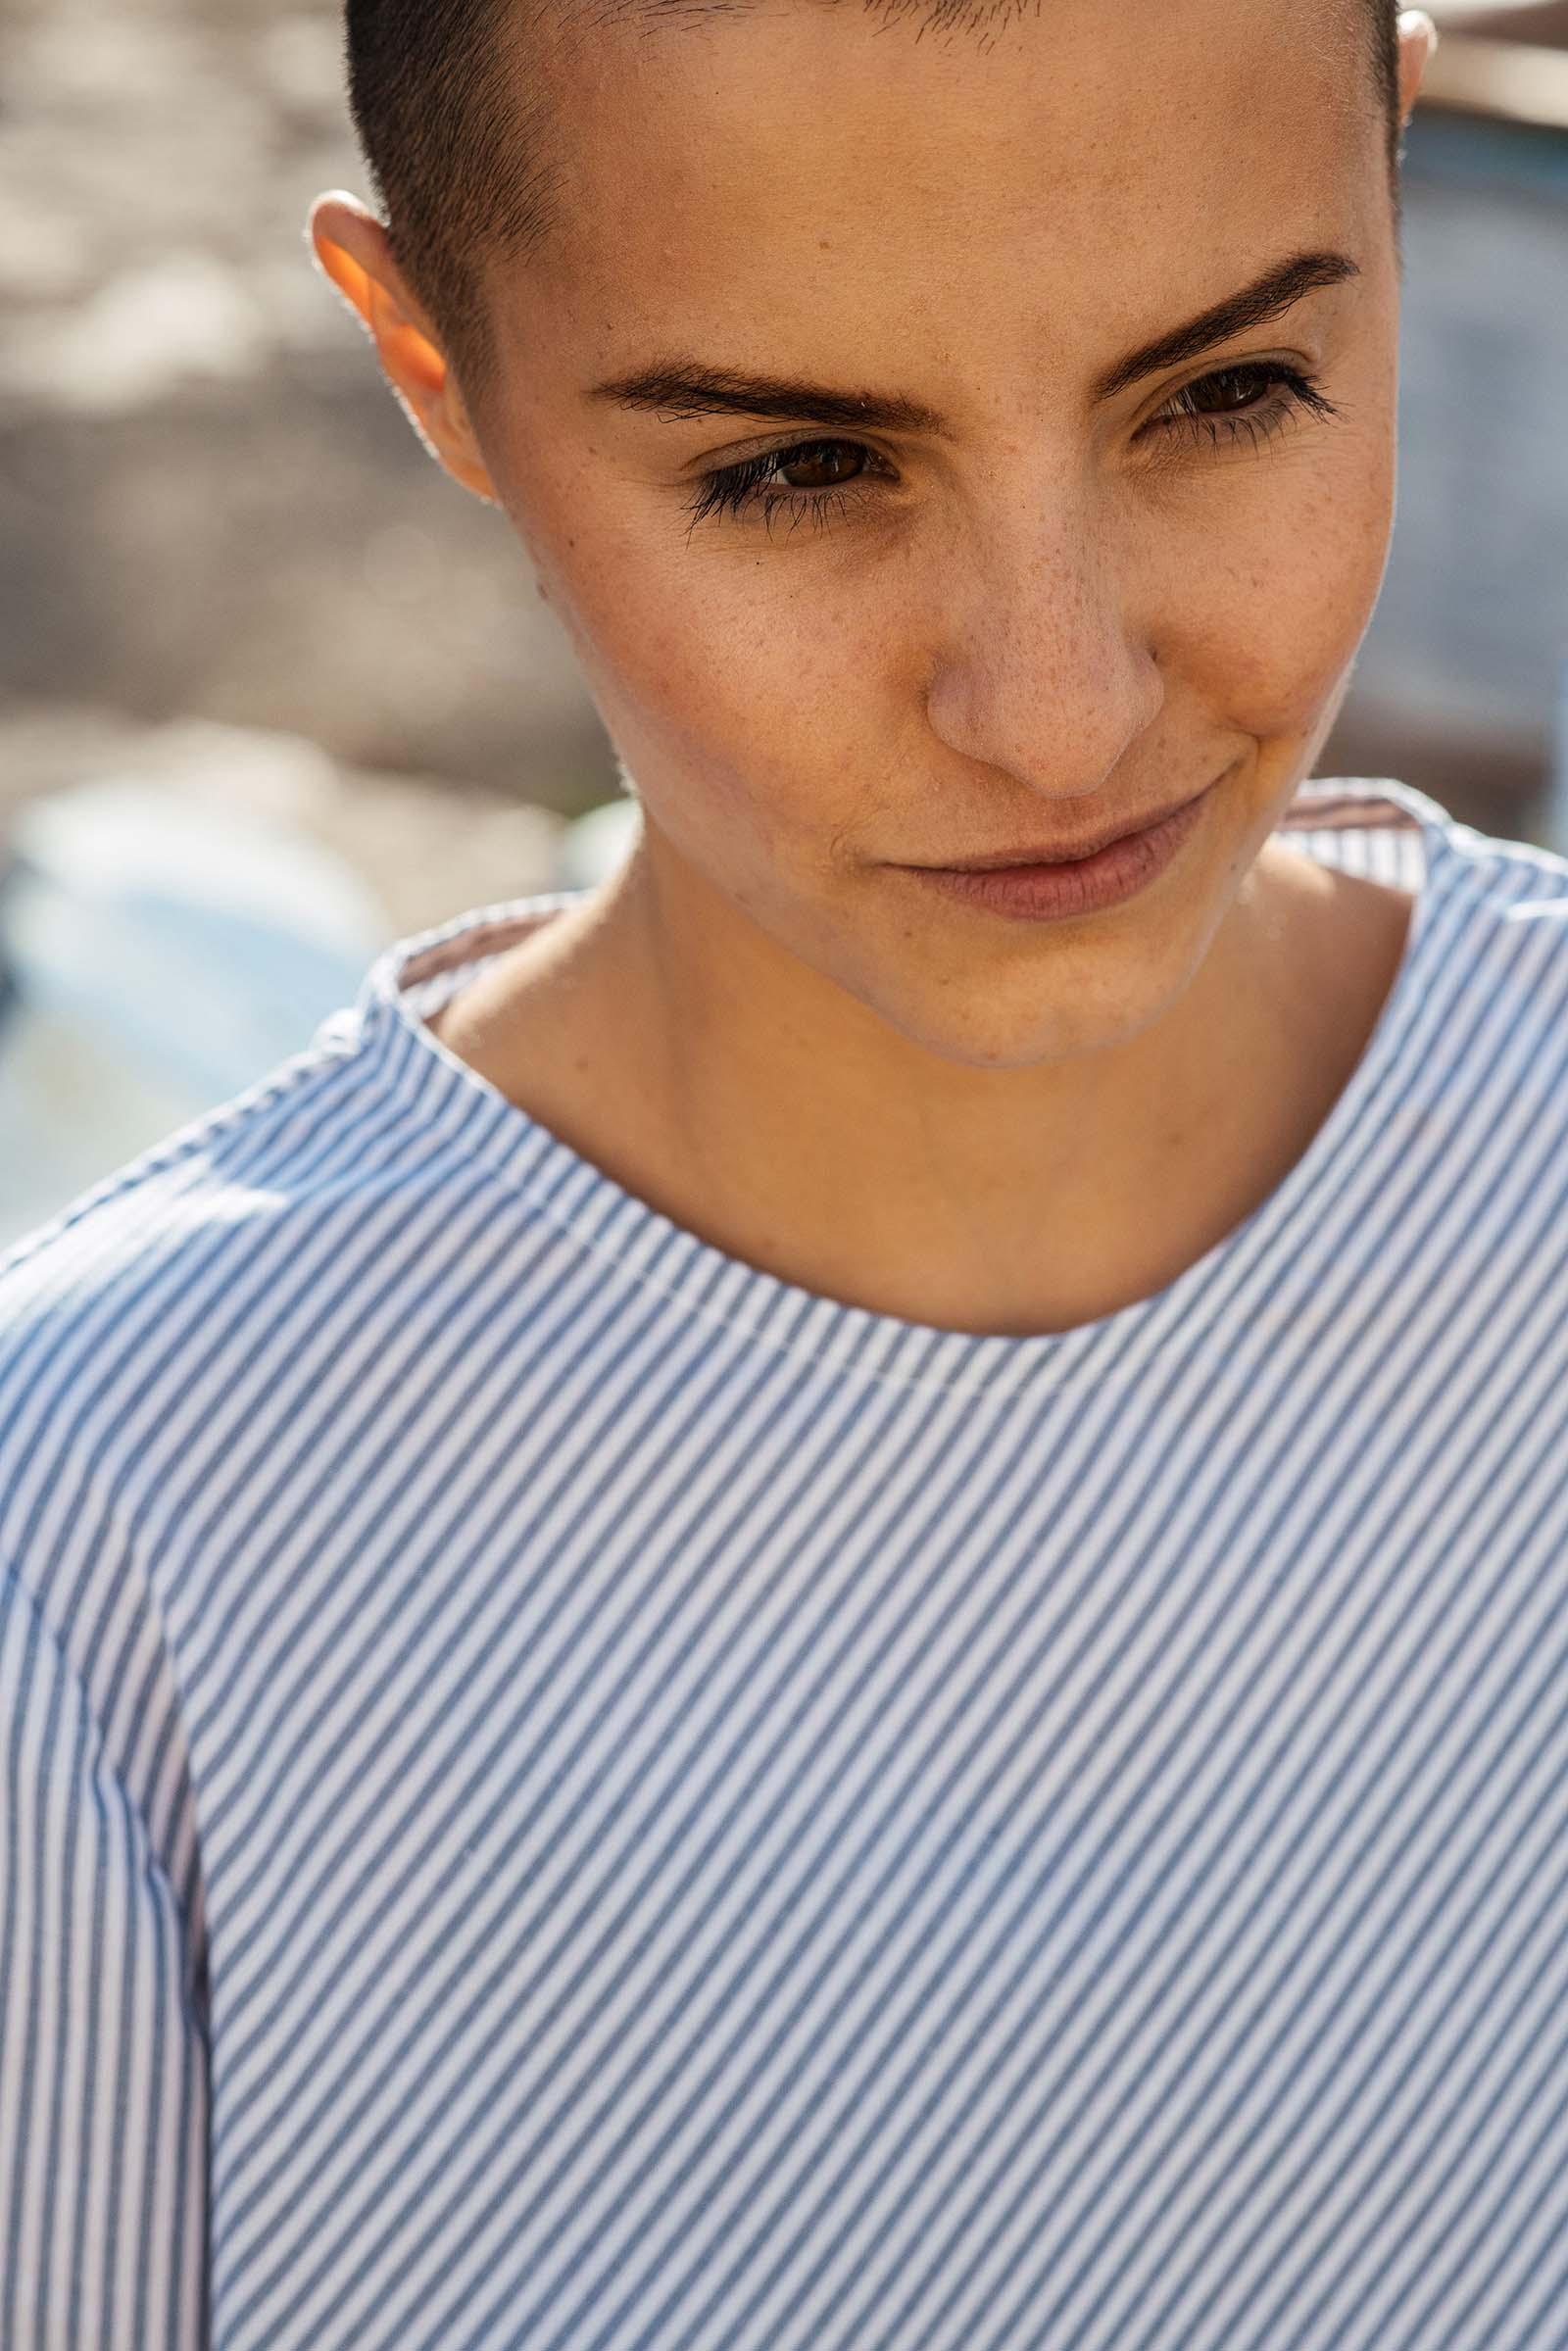 Dámské trička a košile Kosmo modrý proužek